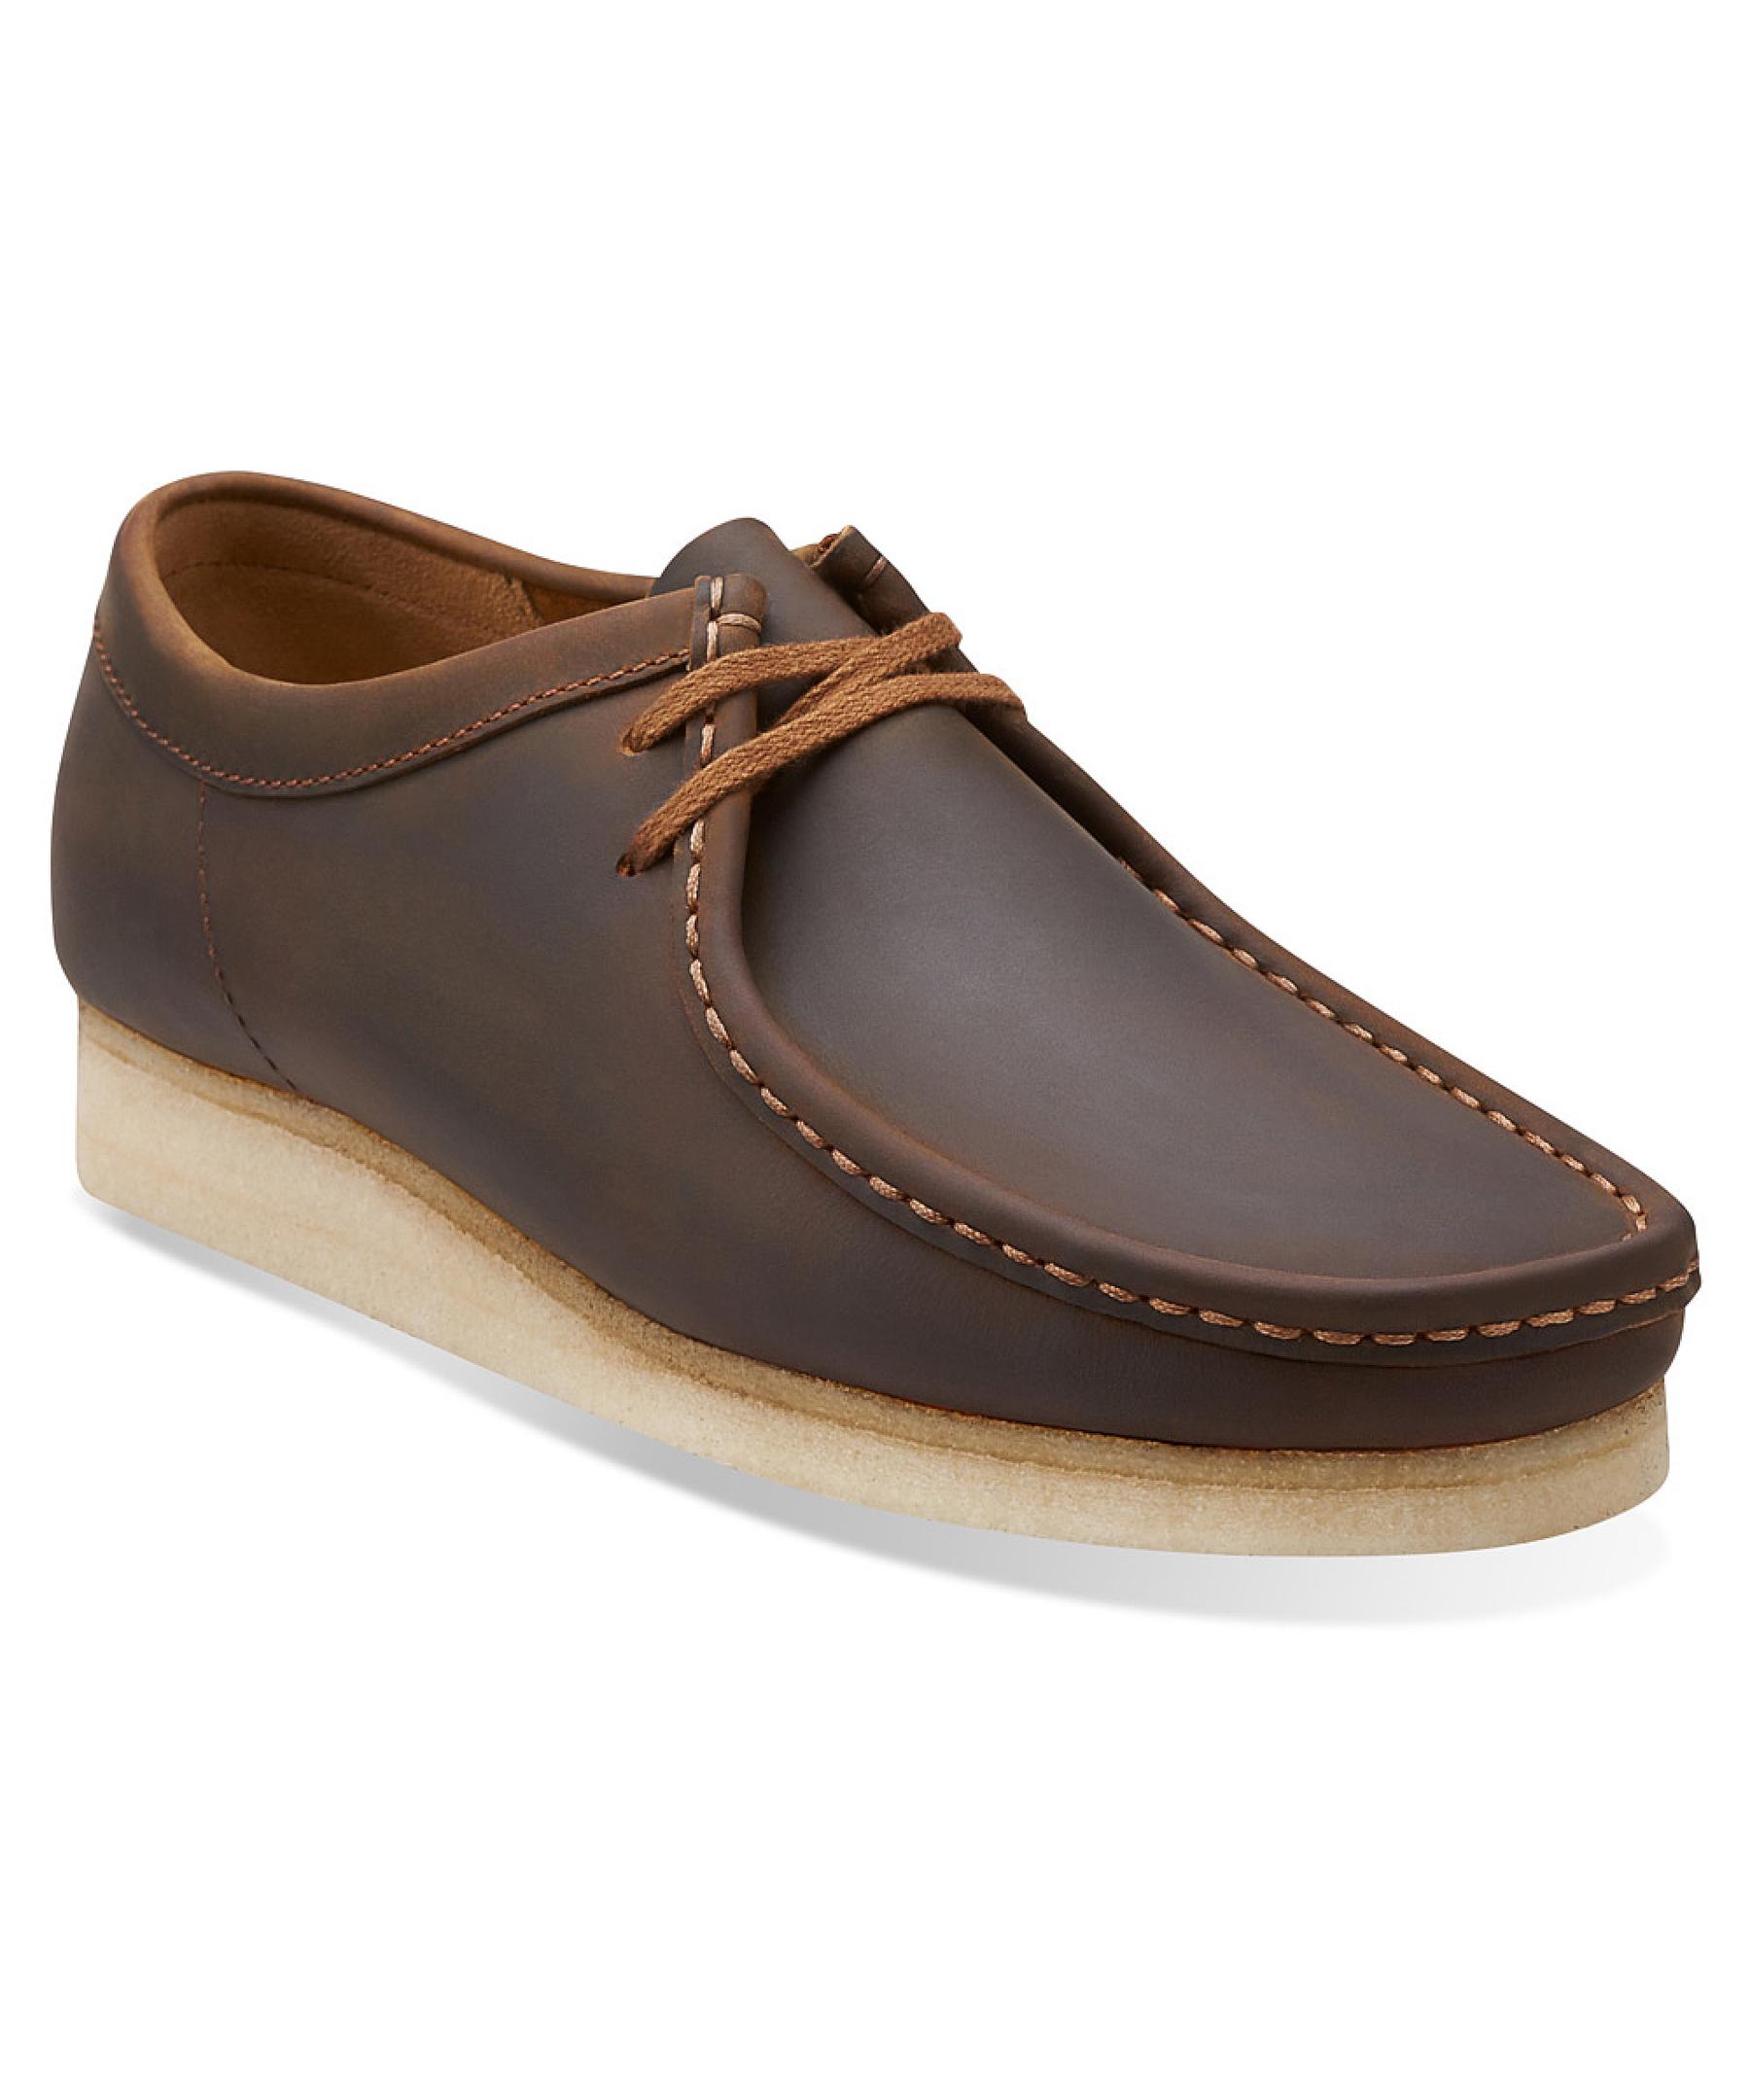 Clarks Mens Shoes Soft Back